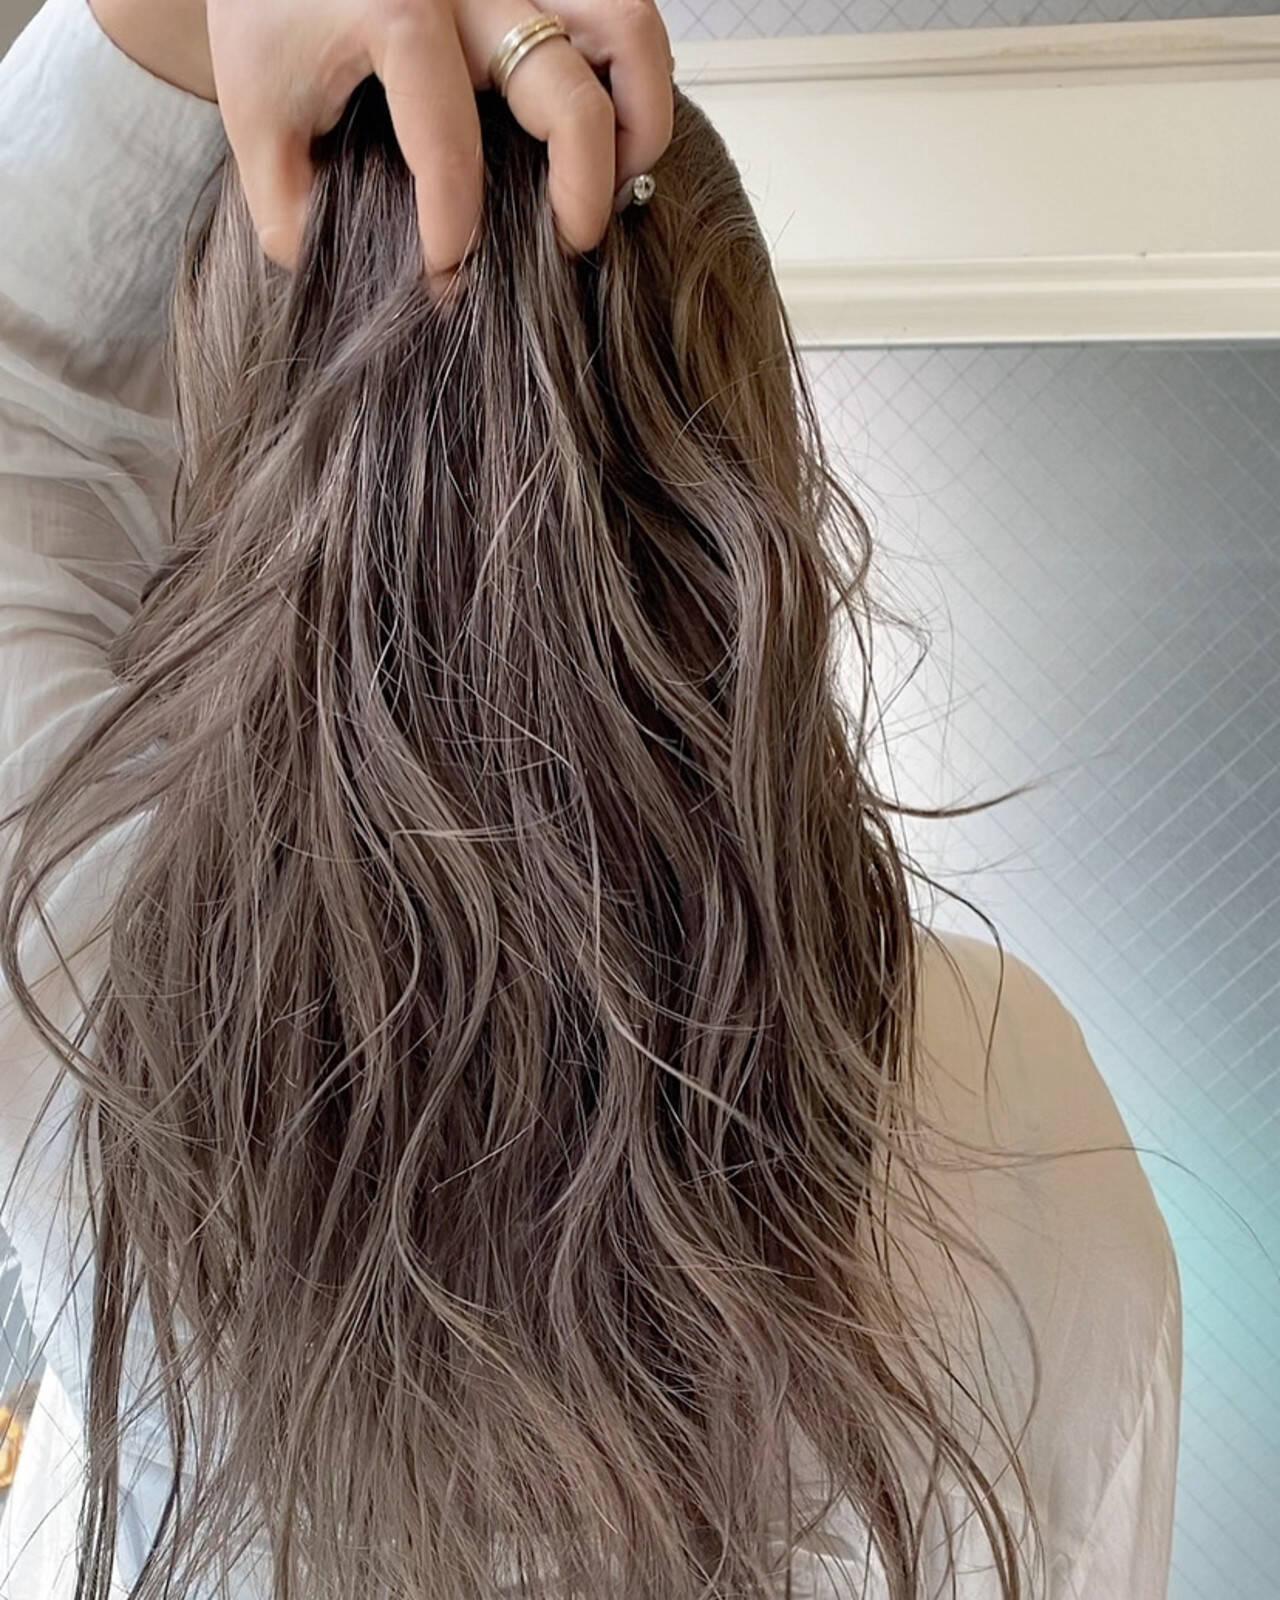 ミルクティーベージュ ロング ハイトーン シアーベージュヘアスタイルや髪型の写真・画像